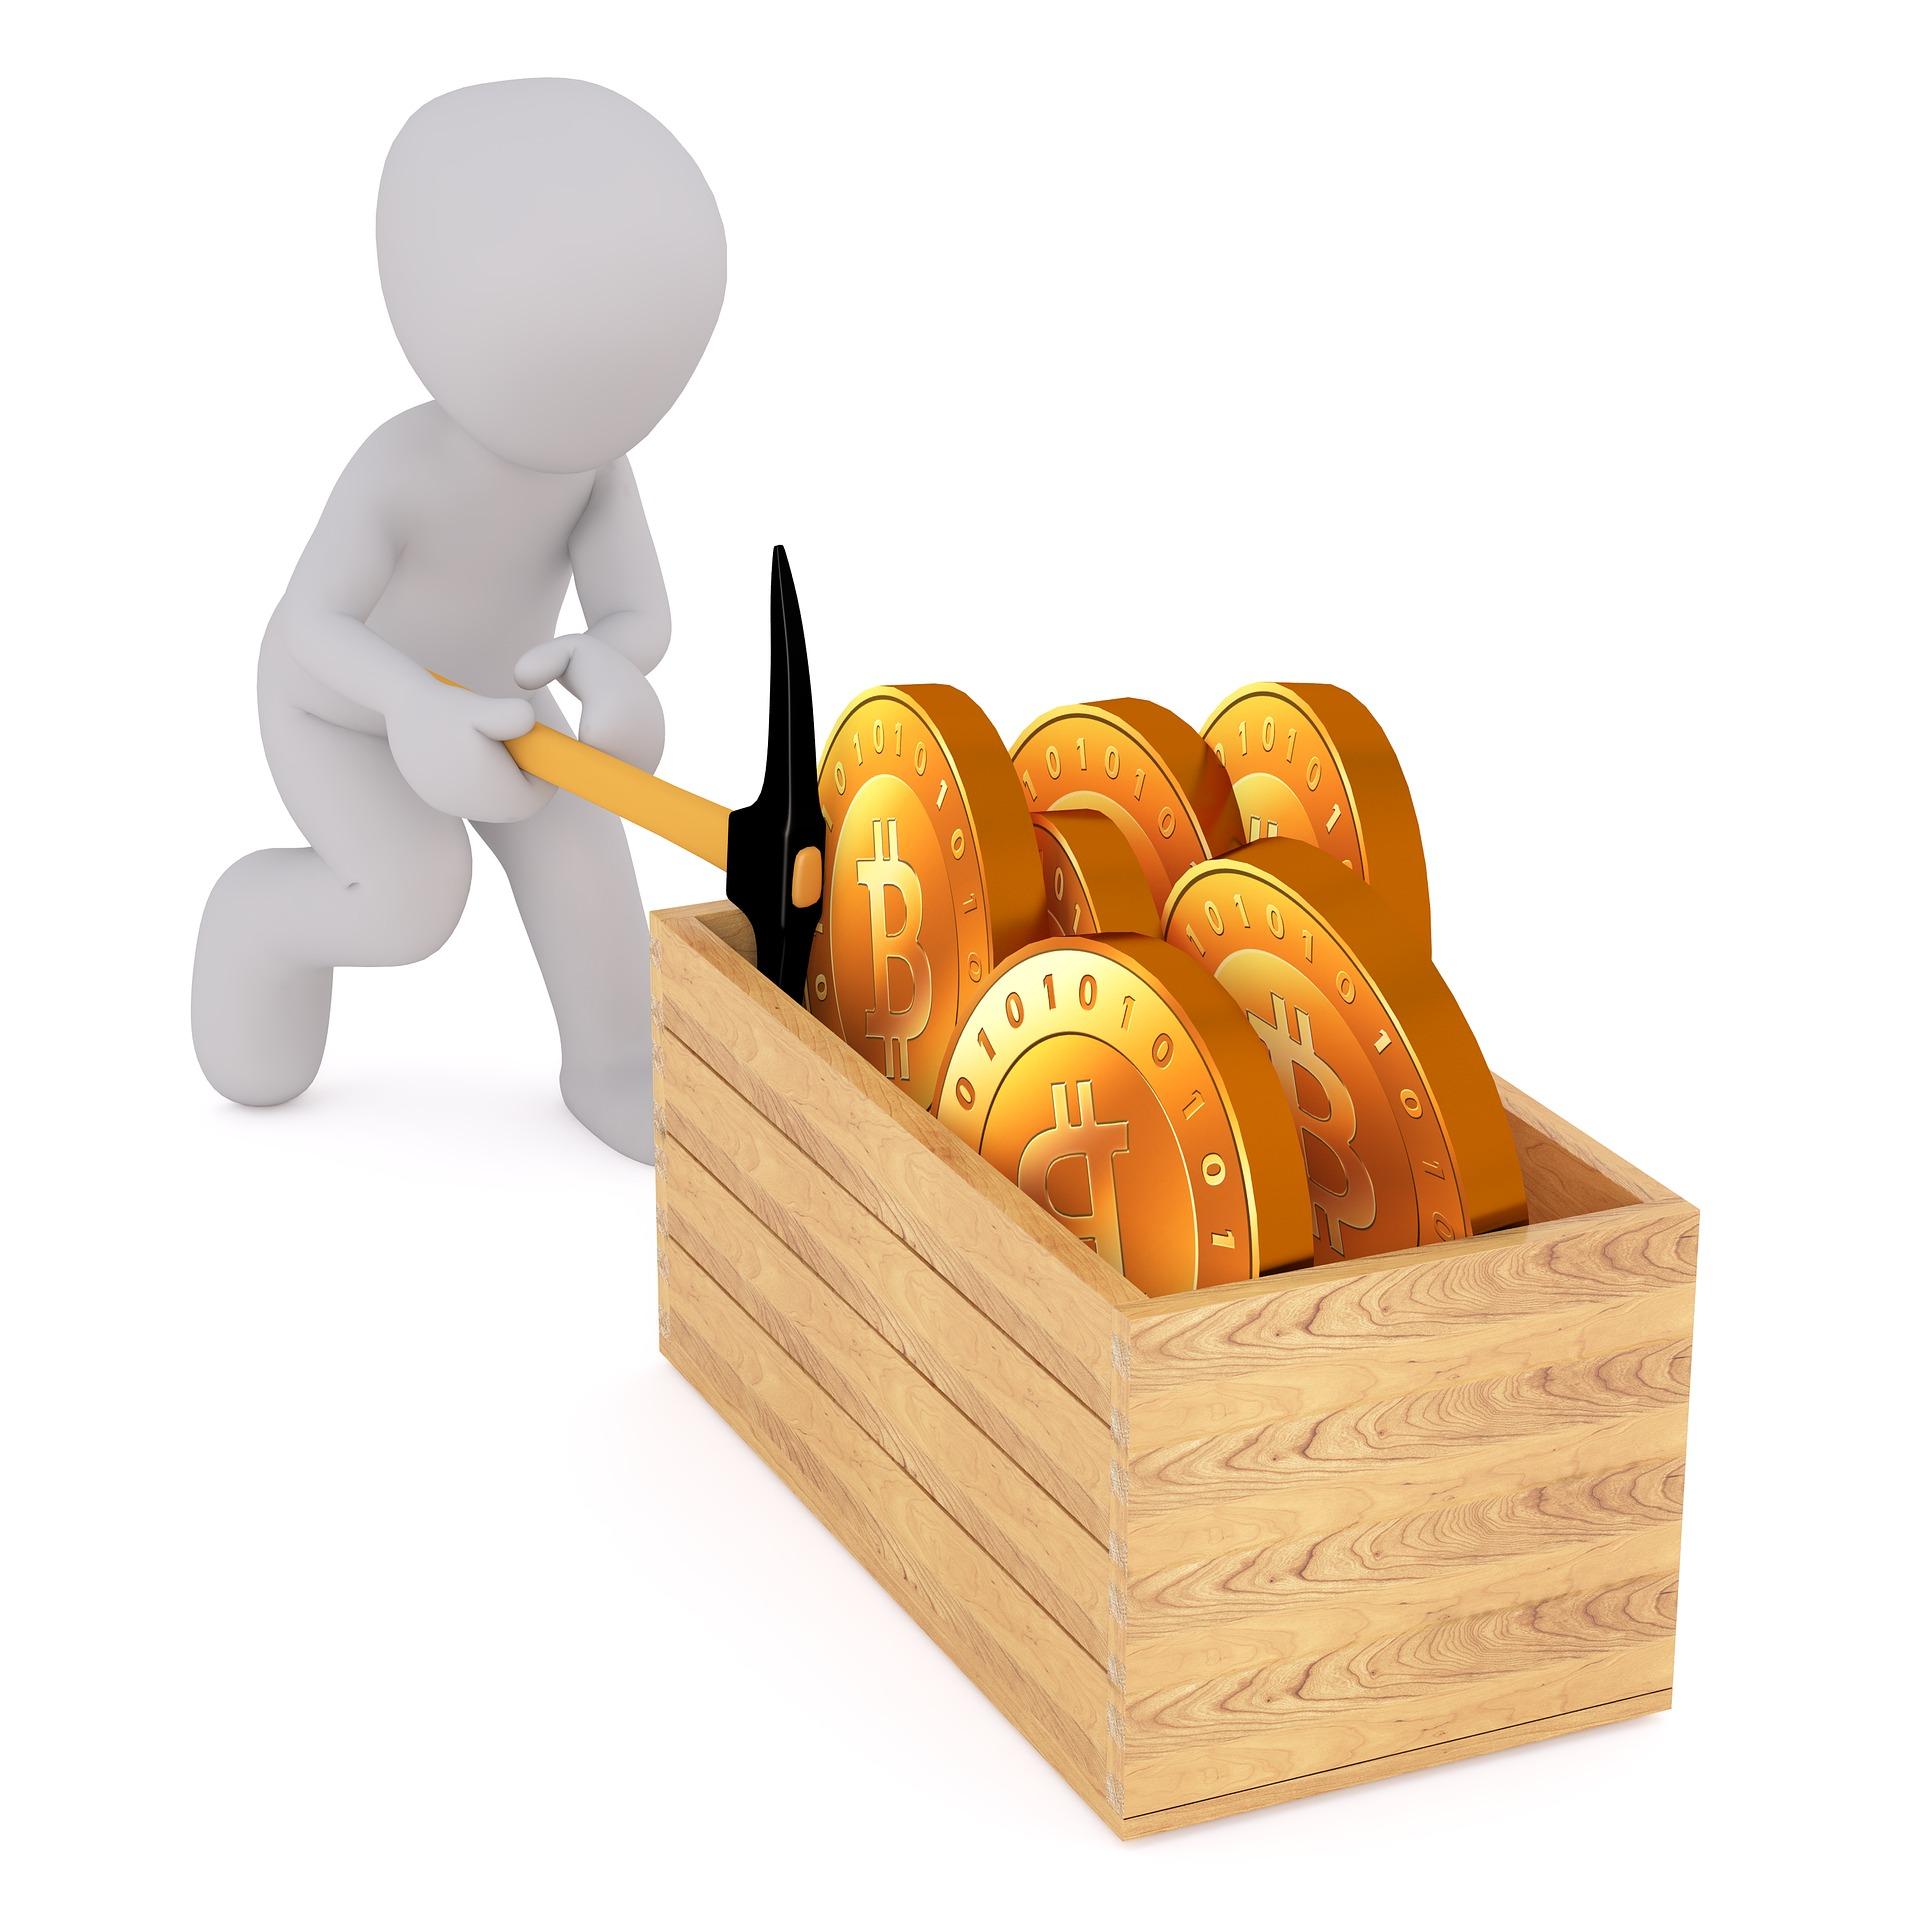 bitcoin-2714192_1920